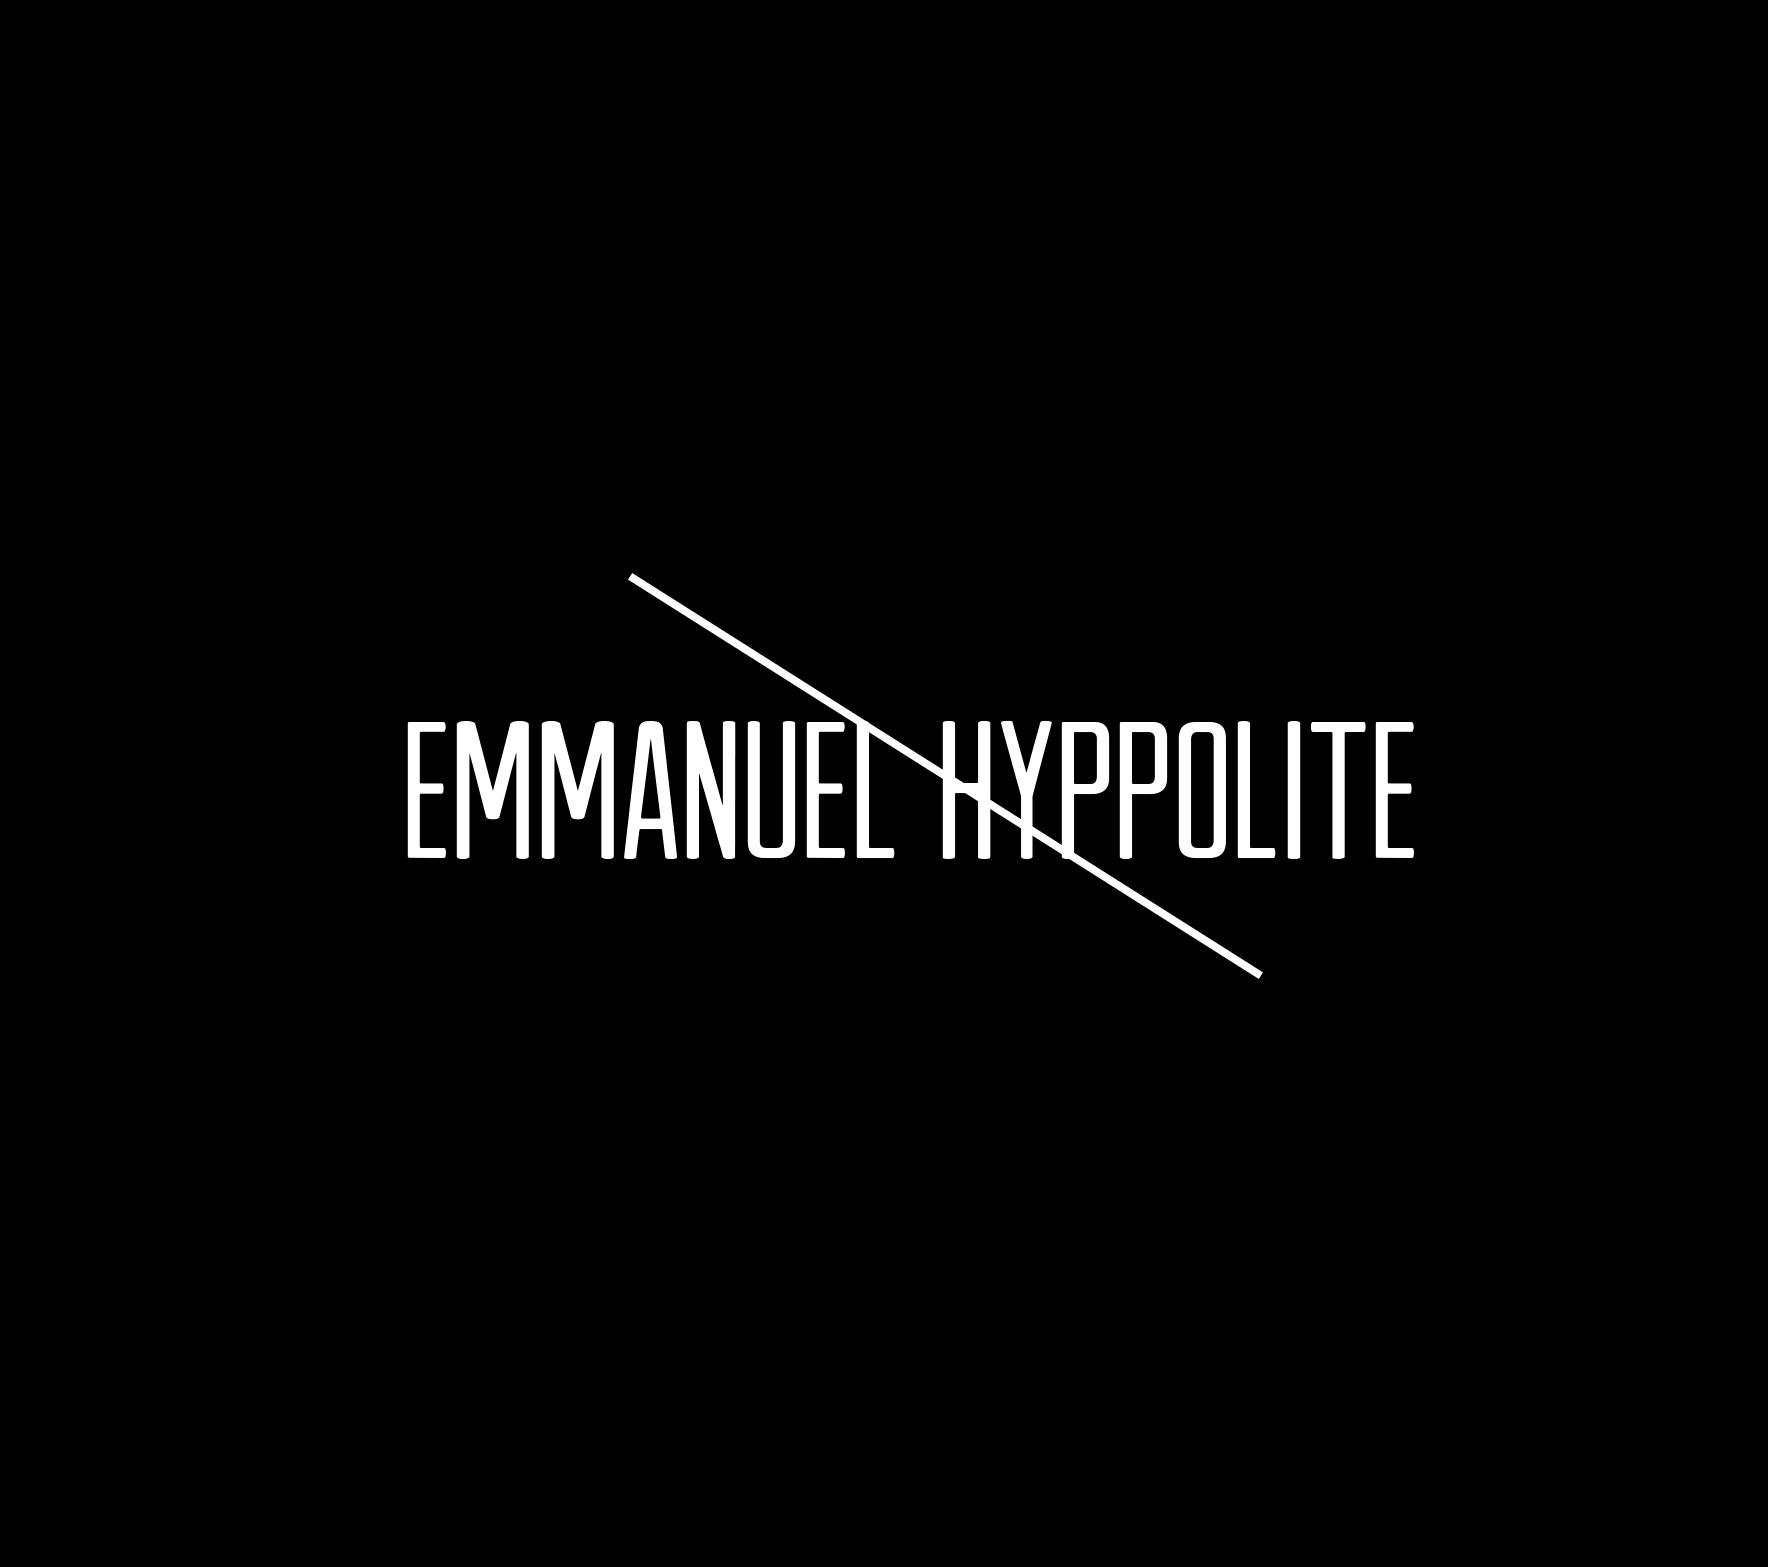 Emmanuel Hyppolite